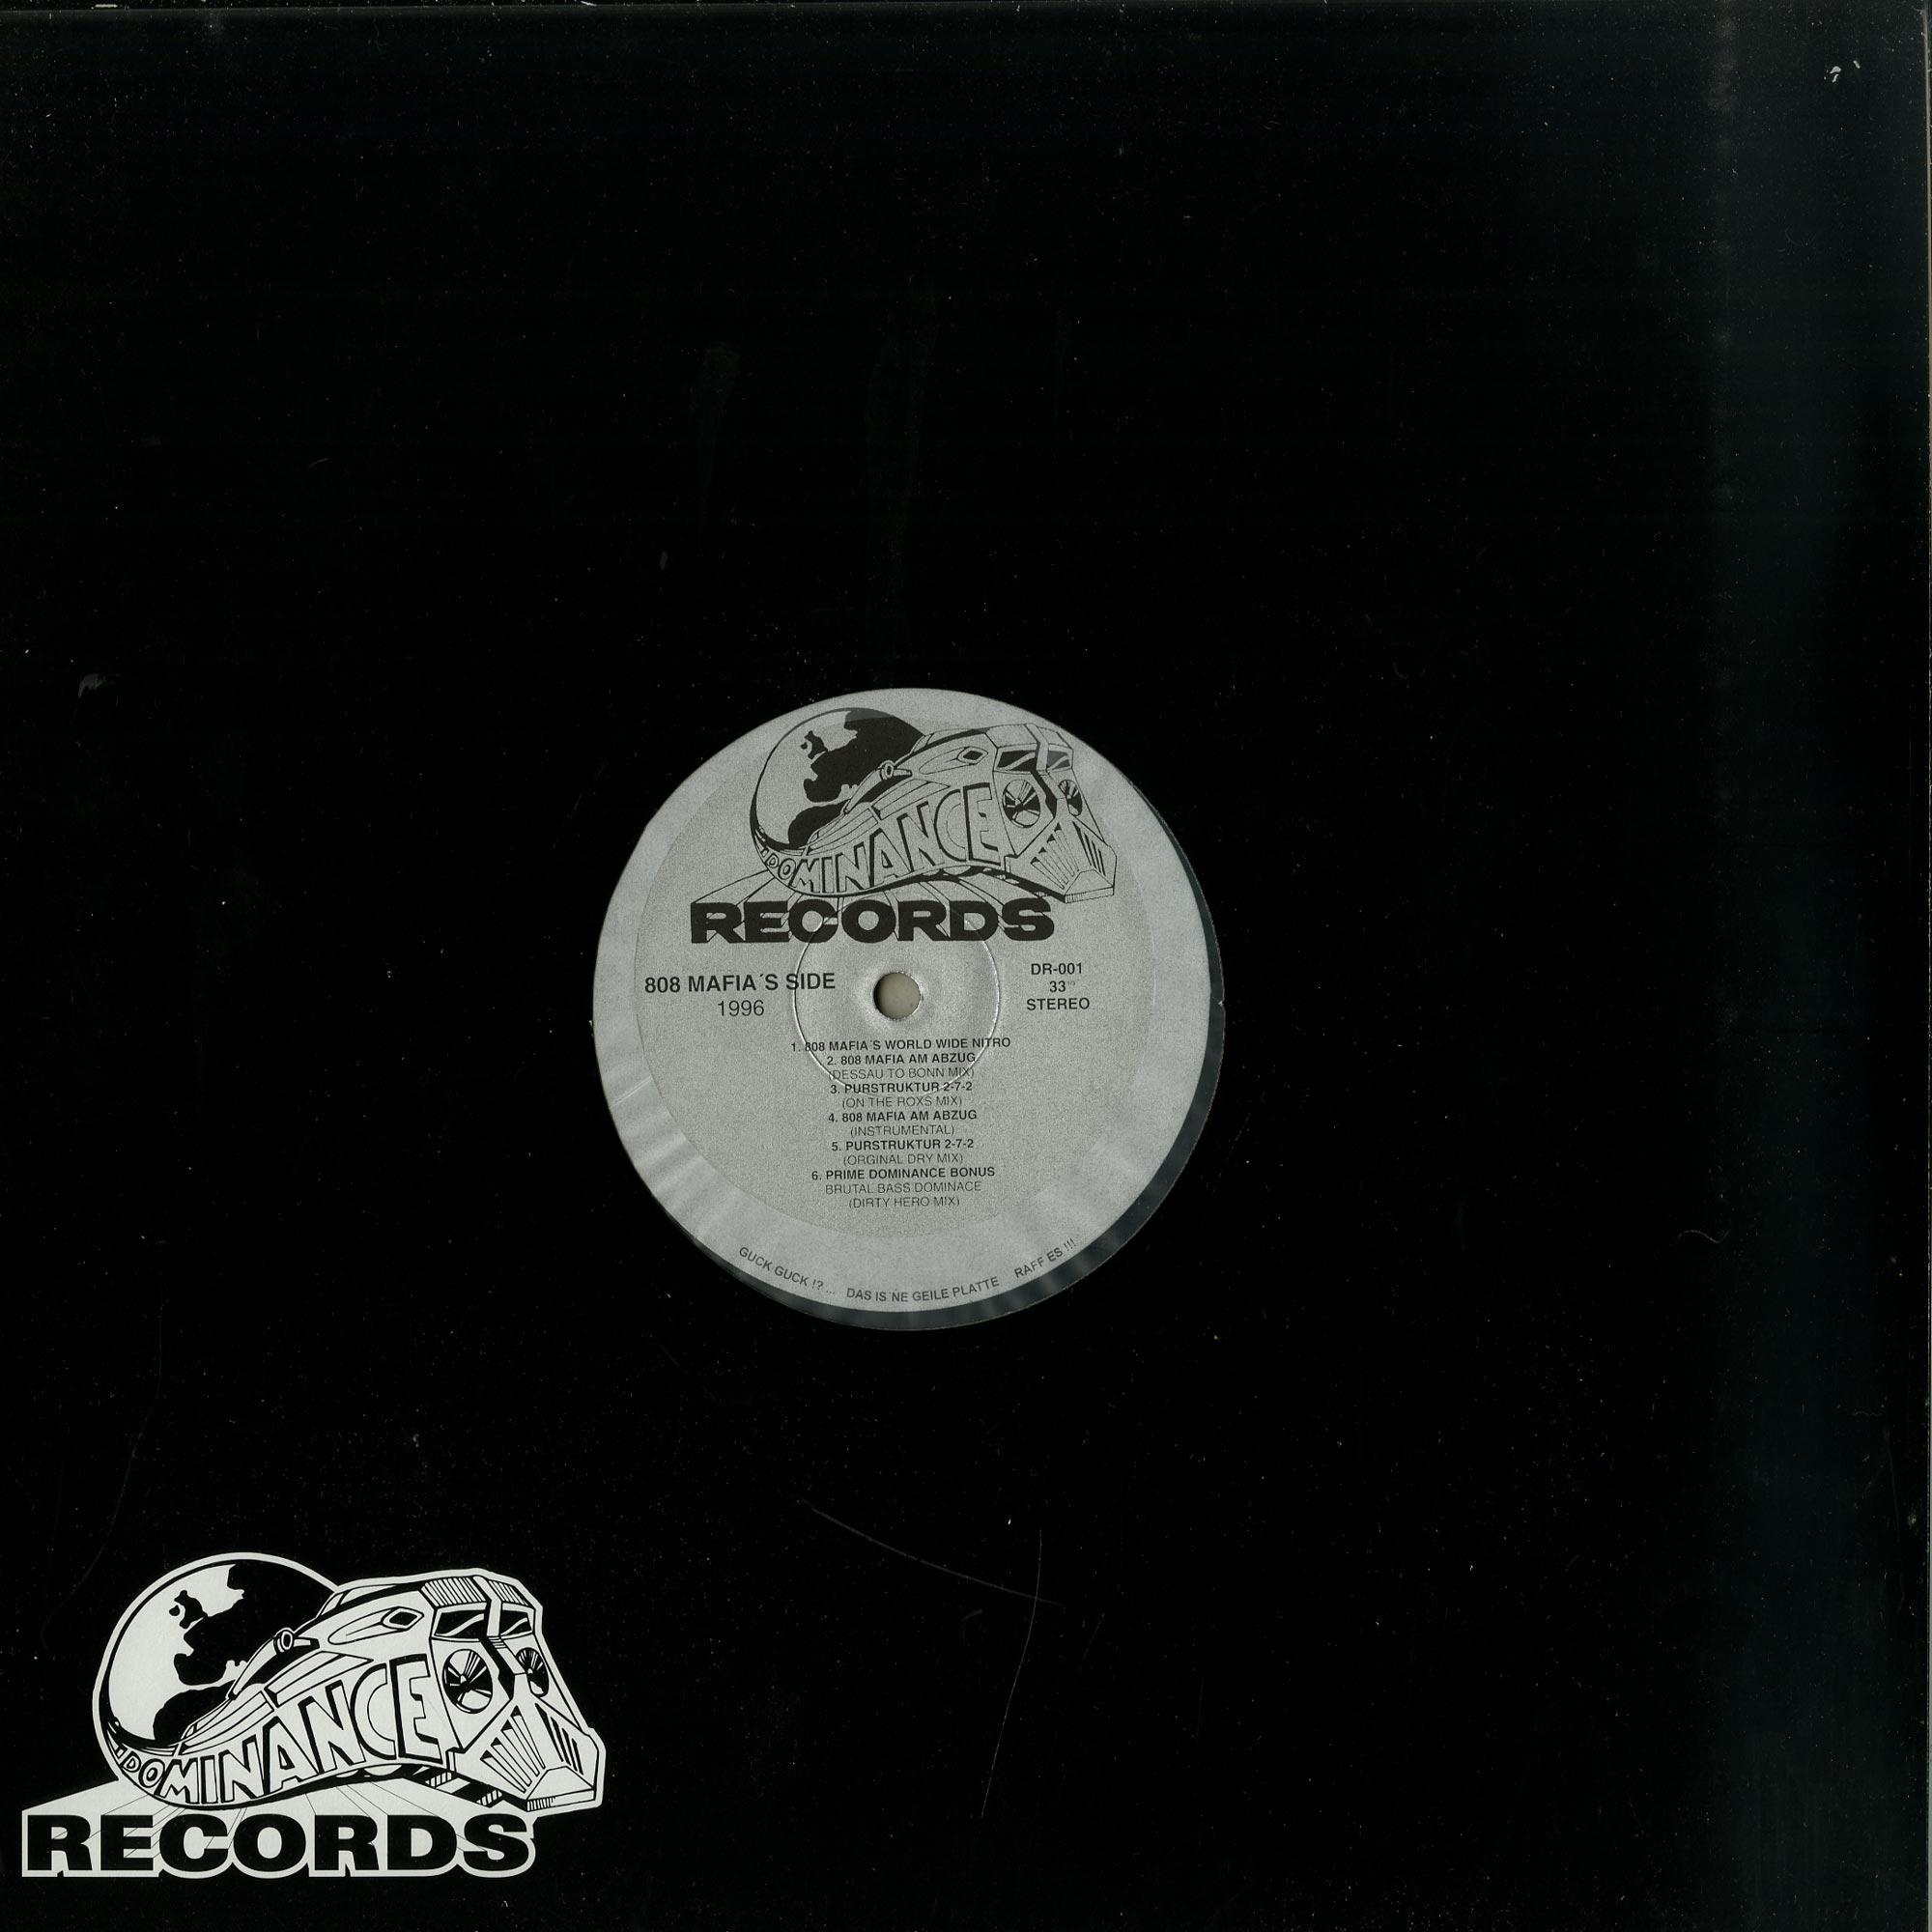 Hartkor Kinkxz / 808 Mafia - WERWOLF IM SCHAFSPELZ / 808 MAFIA AM ABZUG